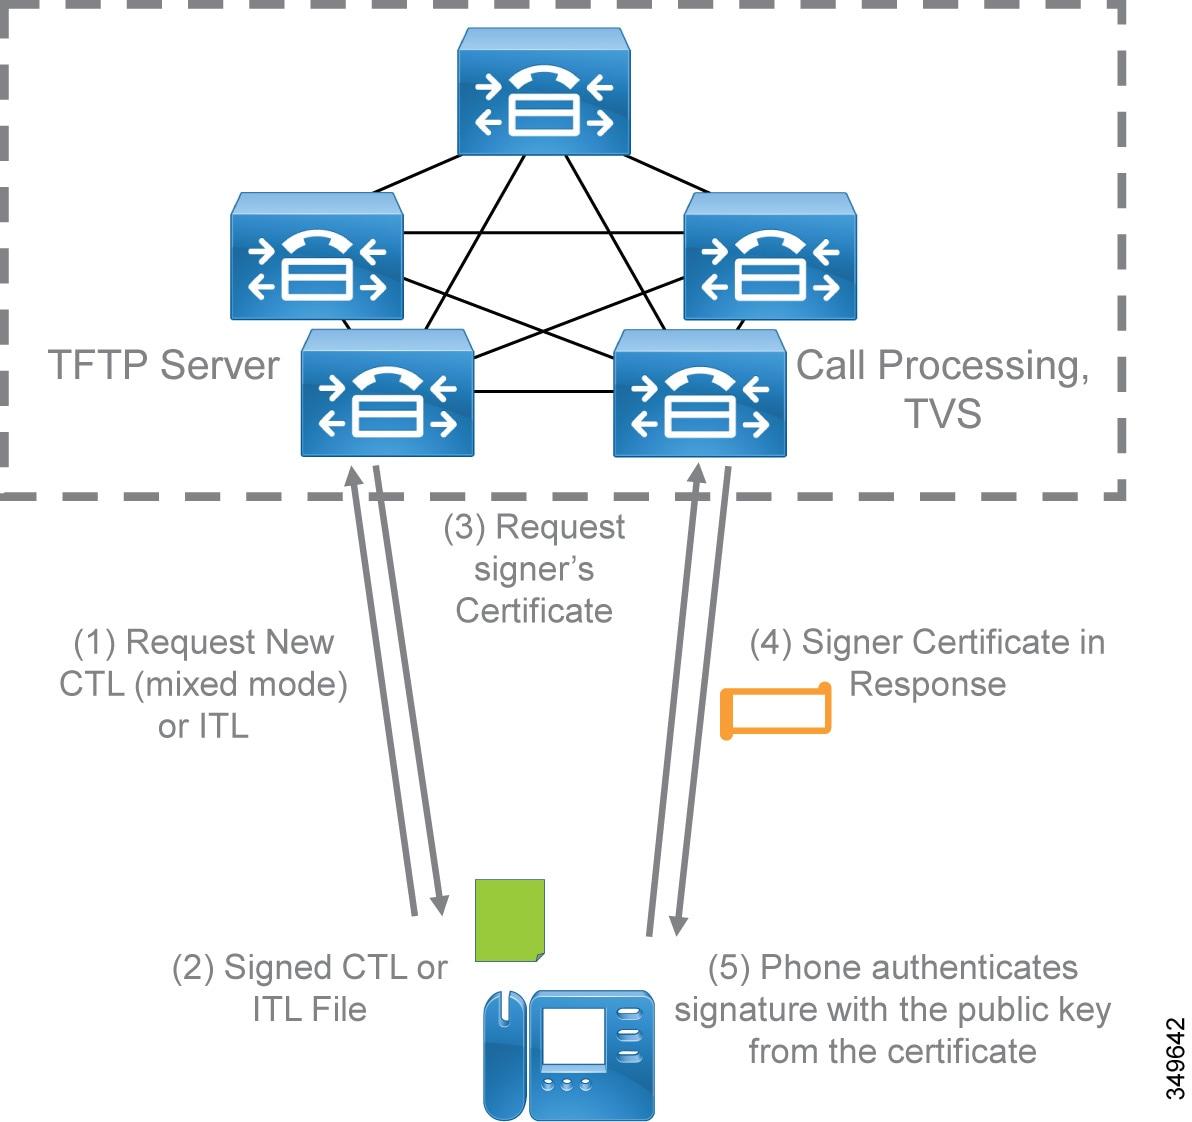 Cisco Preferred Architecture For Enterprise Collaboration 116 Cvd